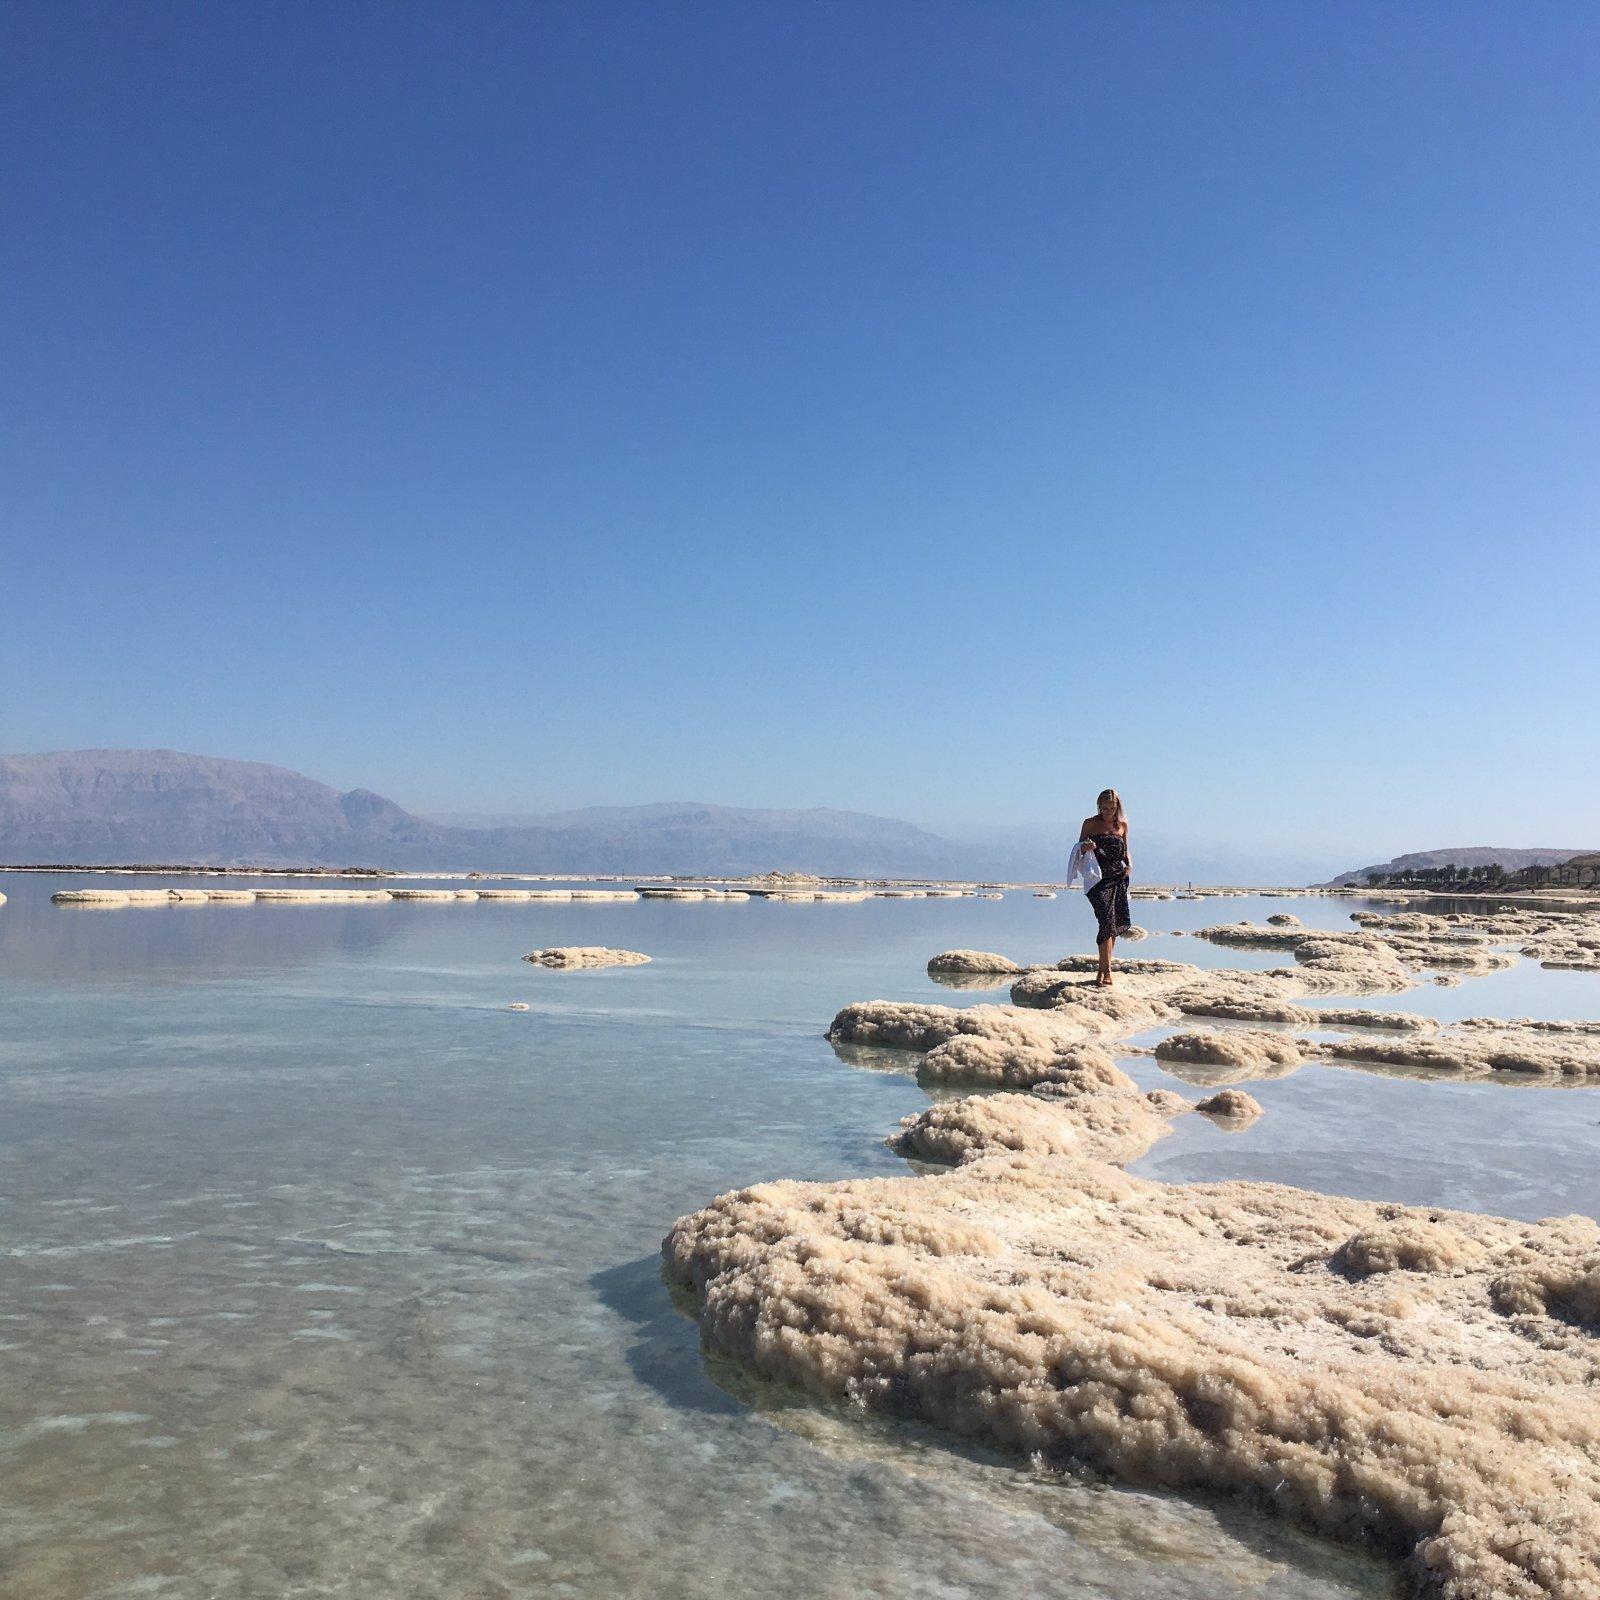 TALVEPUHKUS ENNE KOROONAKRIISI | Jordaania, turvaline oaas Lähis-Idas